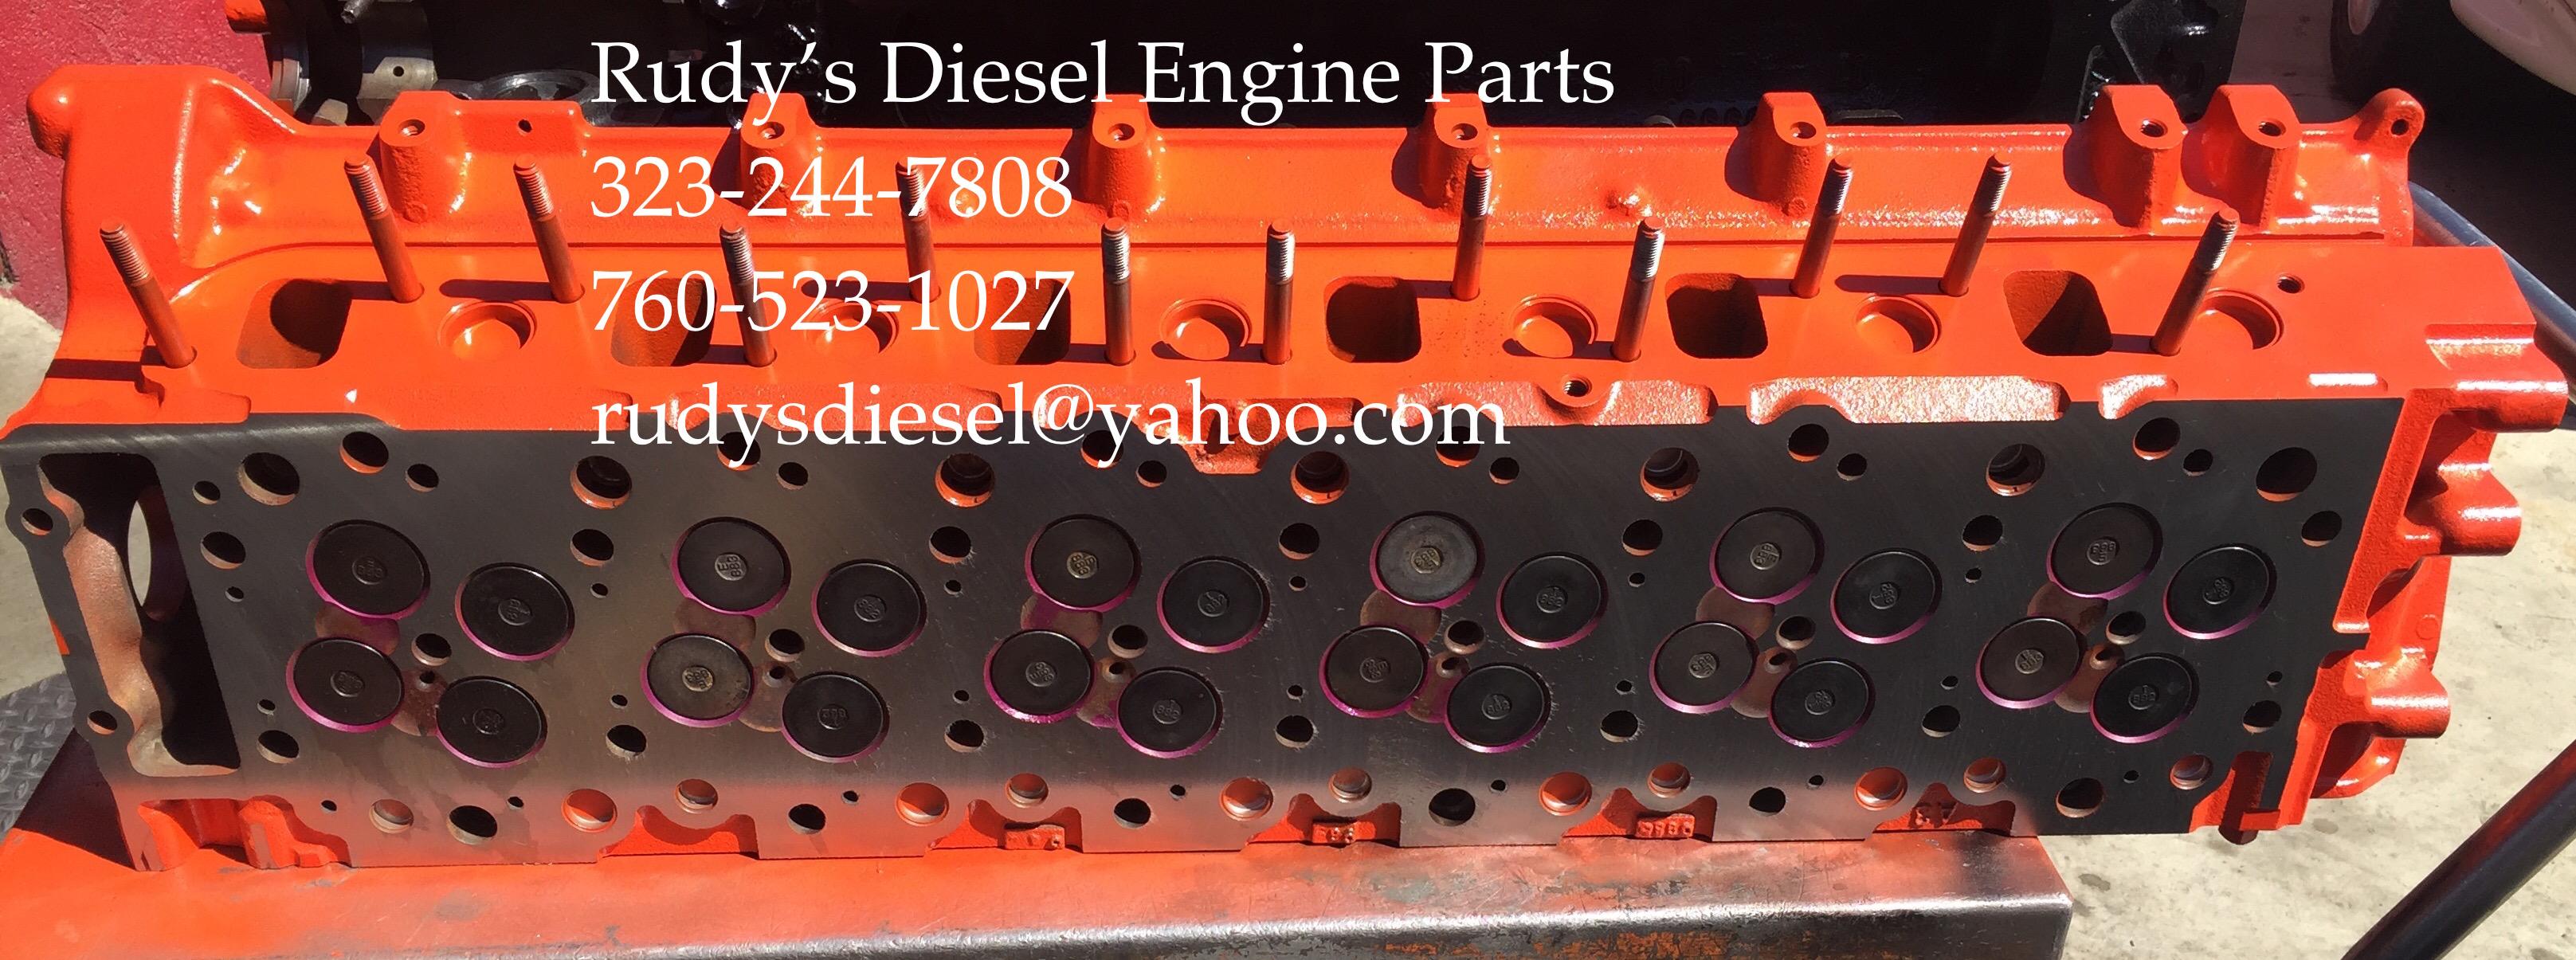 Isuzu 6HK1 6HK1X 7 8 diesel complete remanufactured cylinder